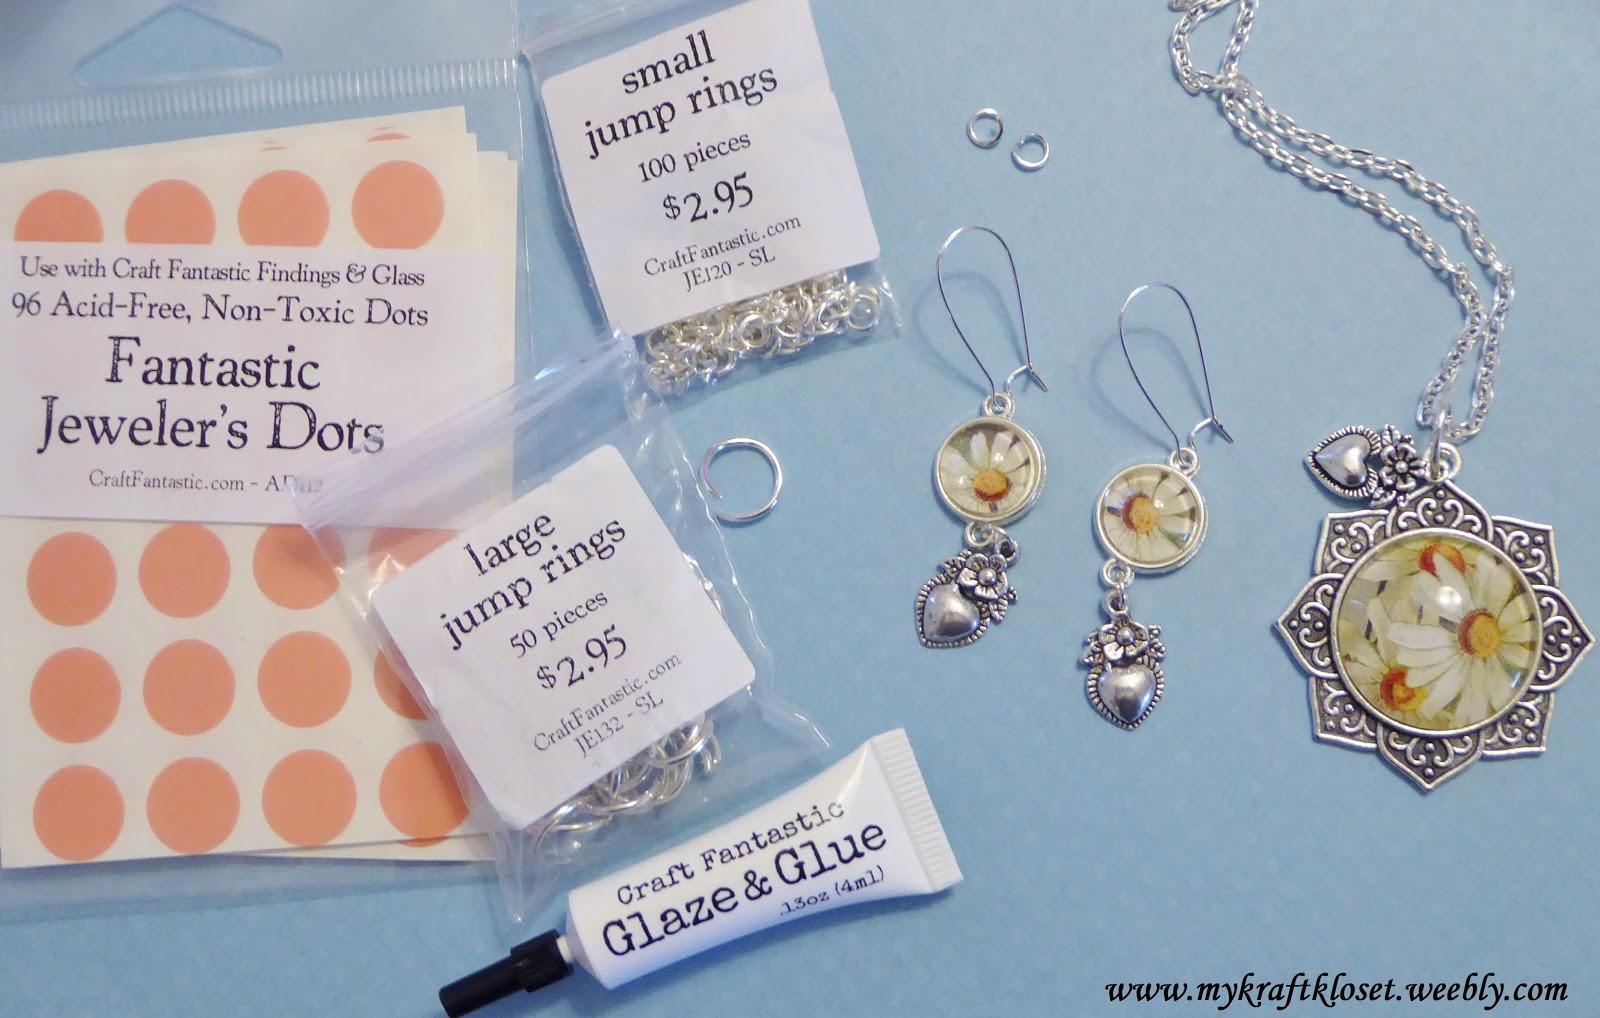 Craft Fantastic Blog: Celebrate Mom with Craft Fantastic